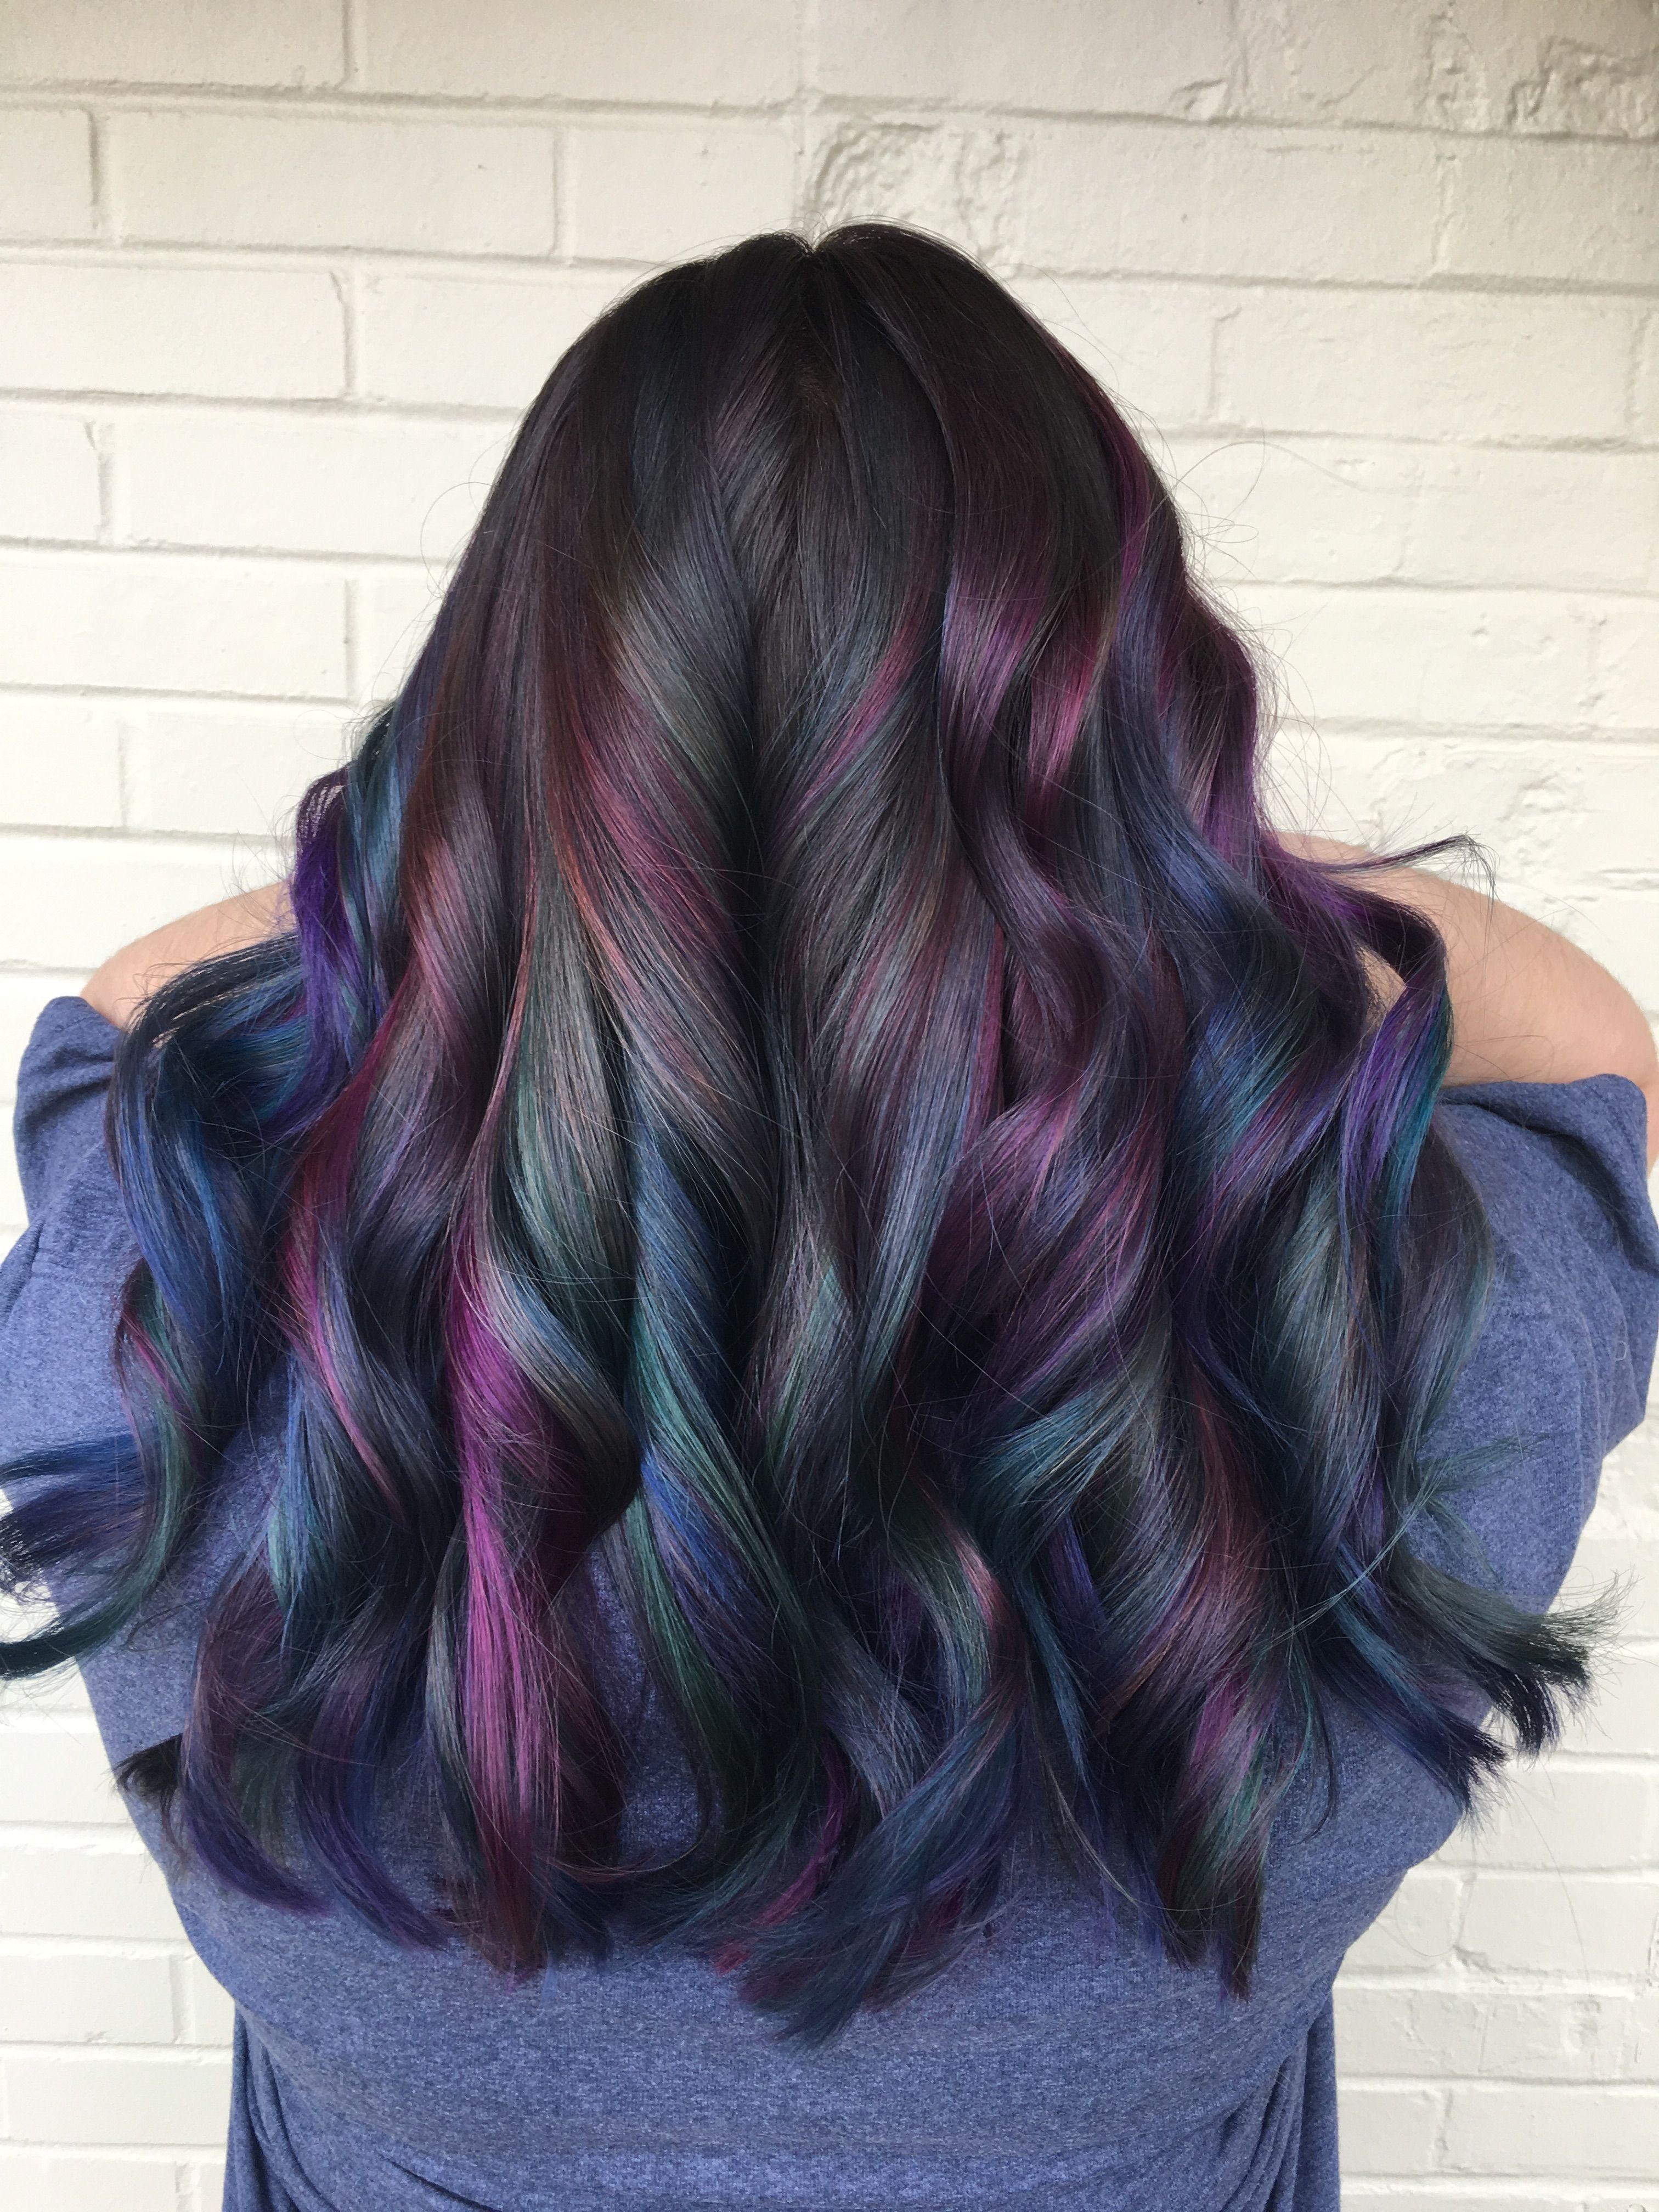 Magnifiek Oil slick hair by @hairwaytokale   Gorgeous Hair Colors   Oil @BL22